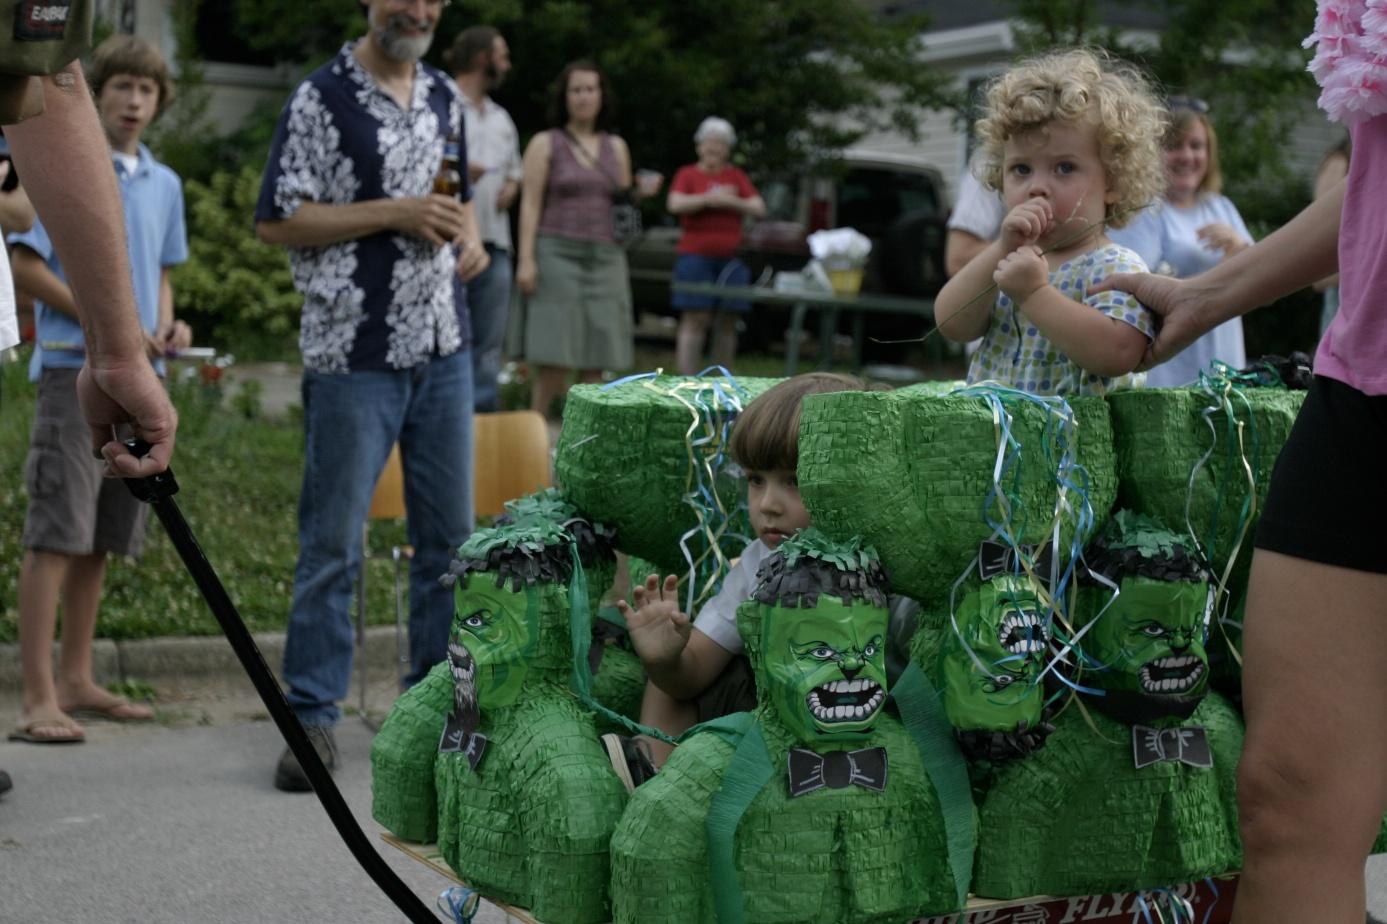 hulmobile.jpg